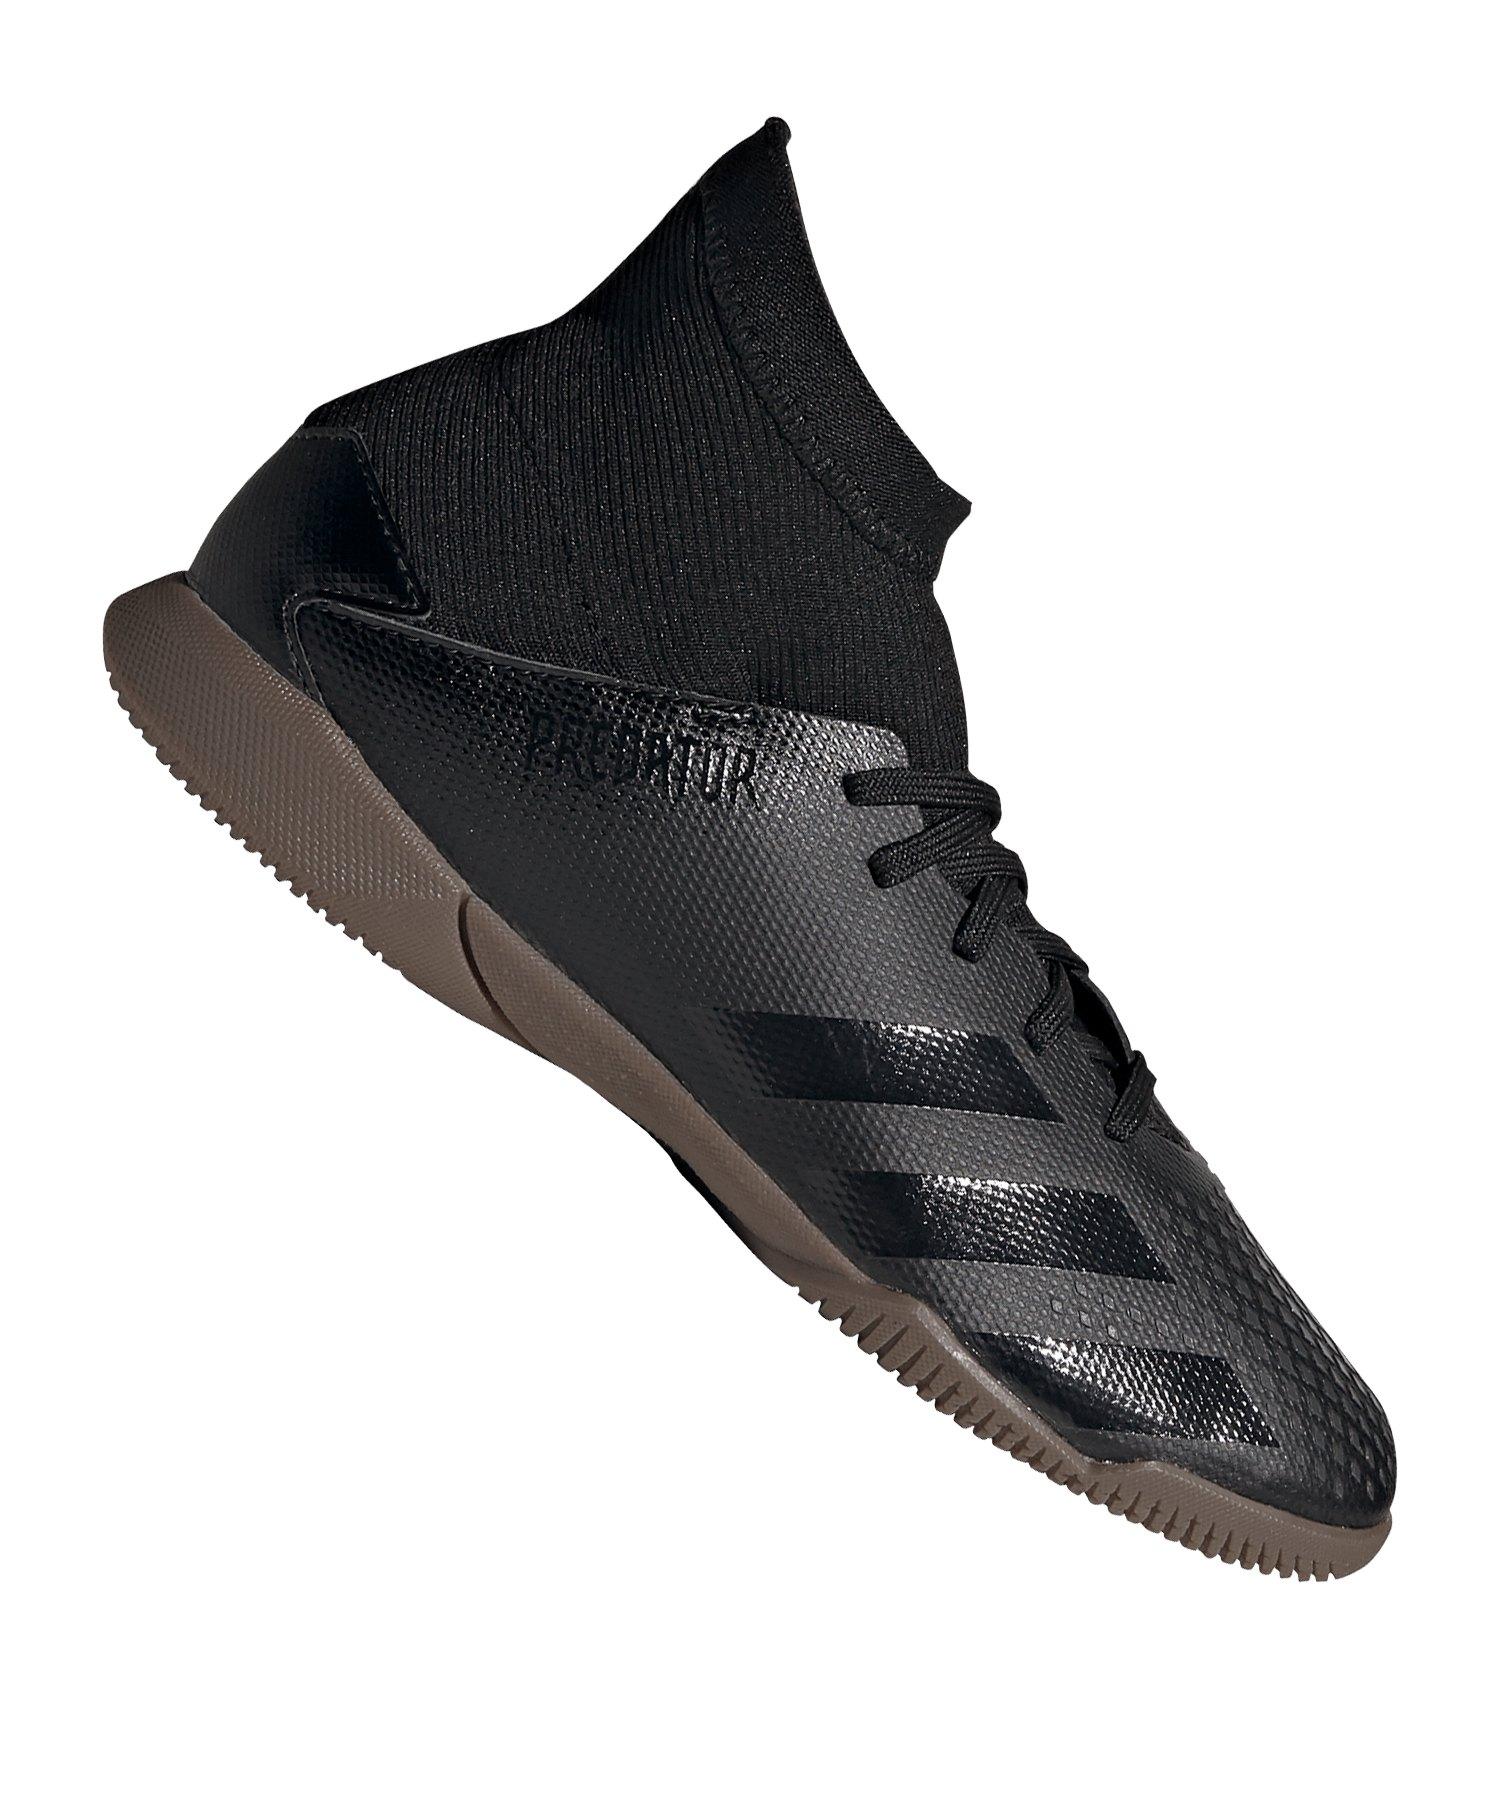 adidas Predator 20.3 IN Halle J Kids Schwarz Grau - schwarz